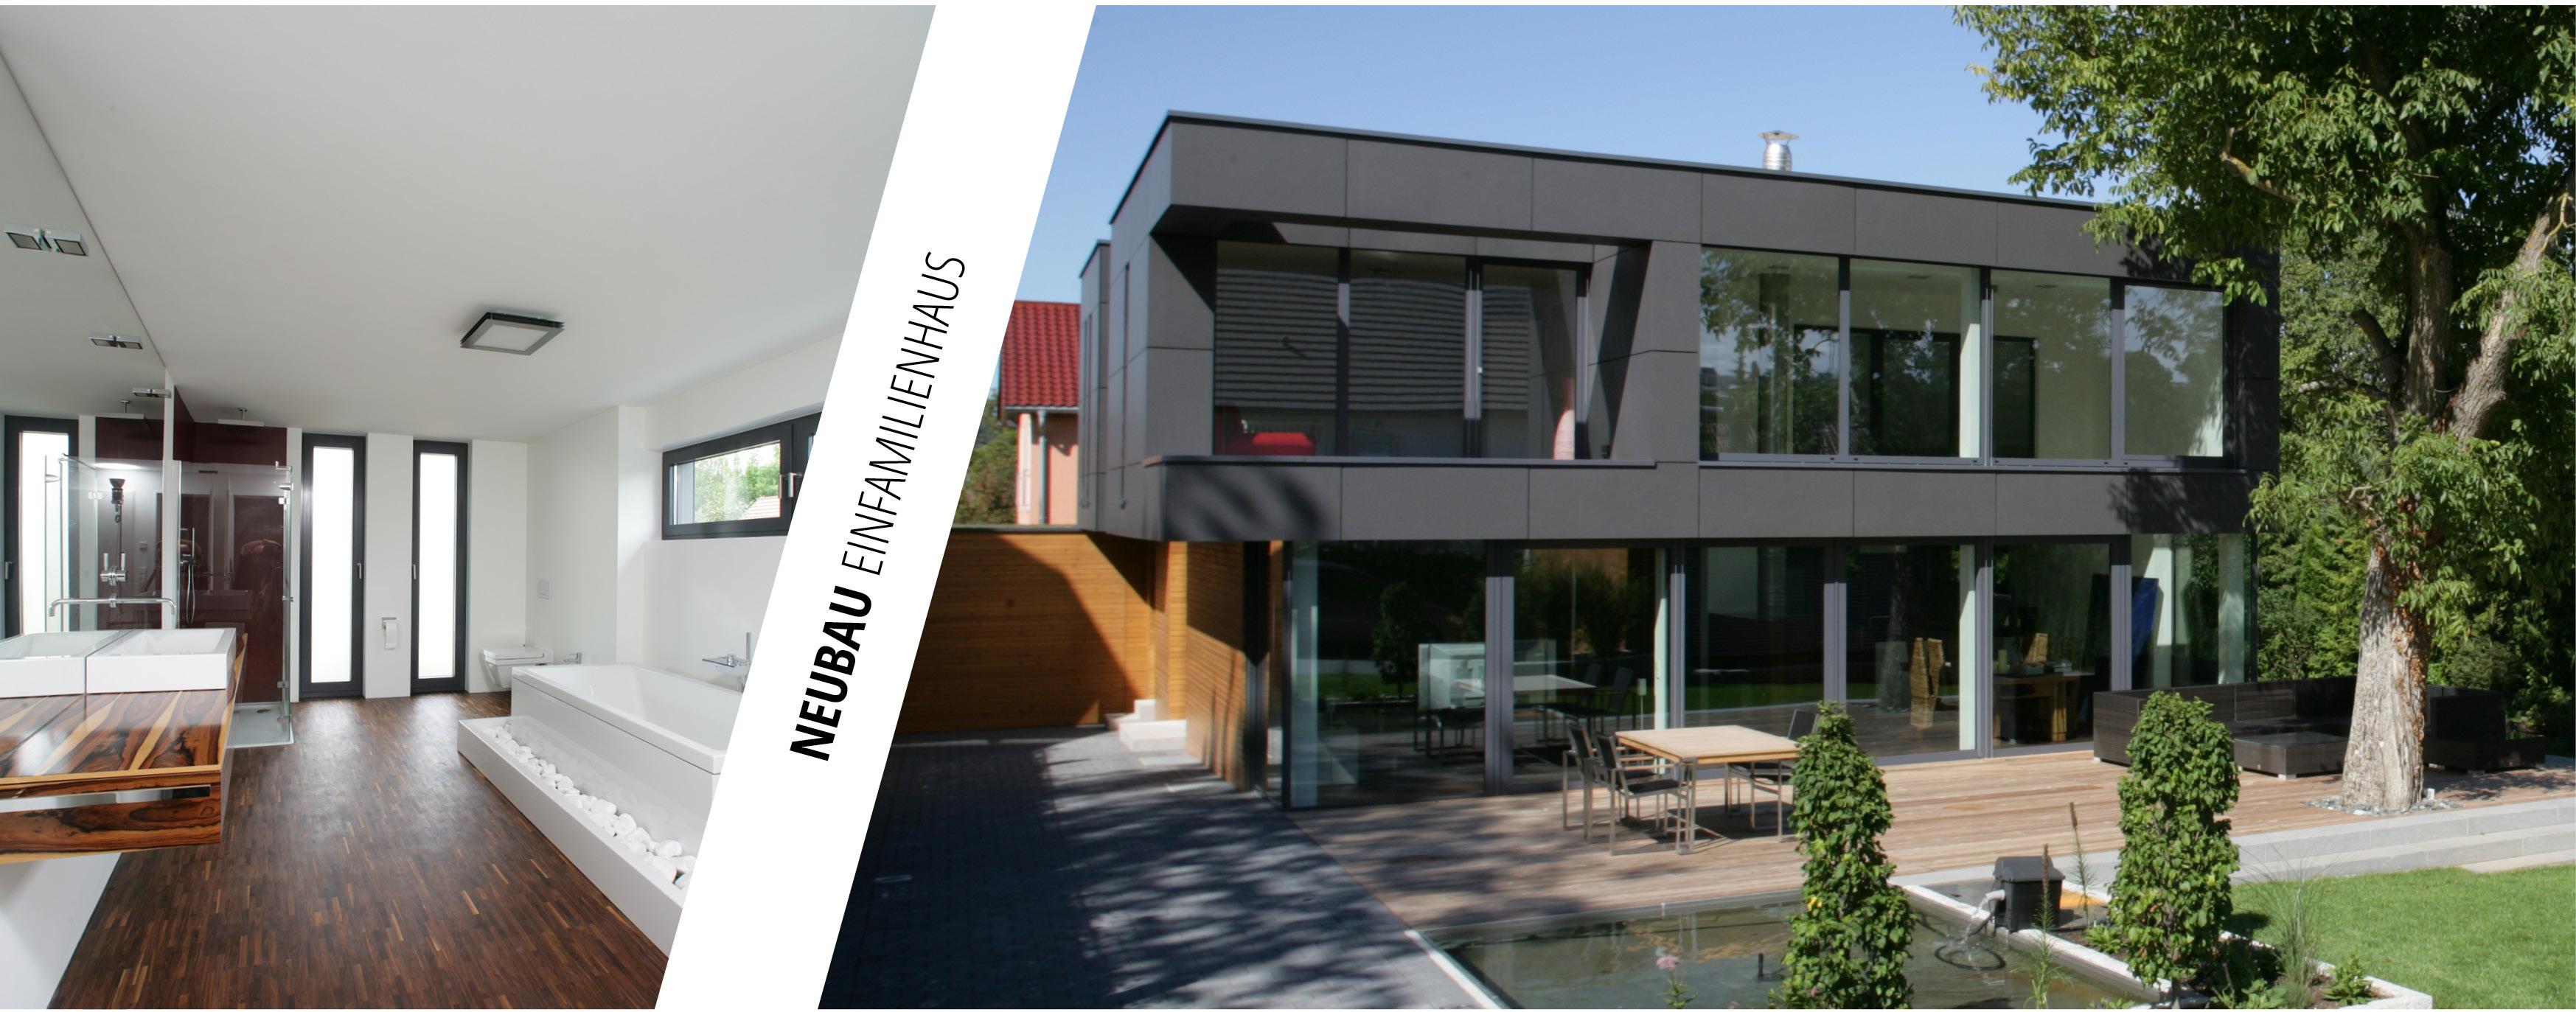 Architekten Ulm form follows function einfamilienhaus in ulm rc studio